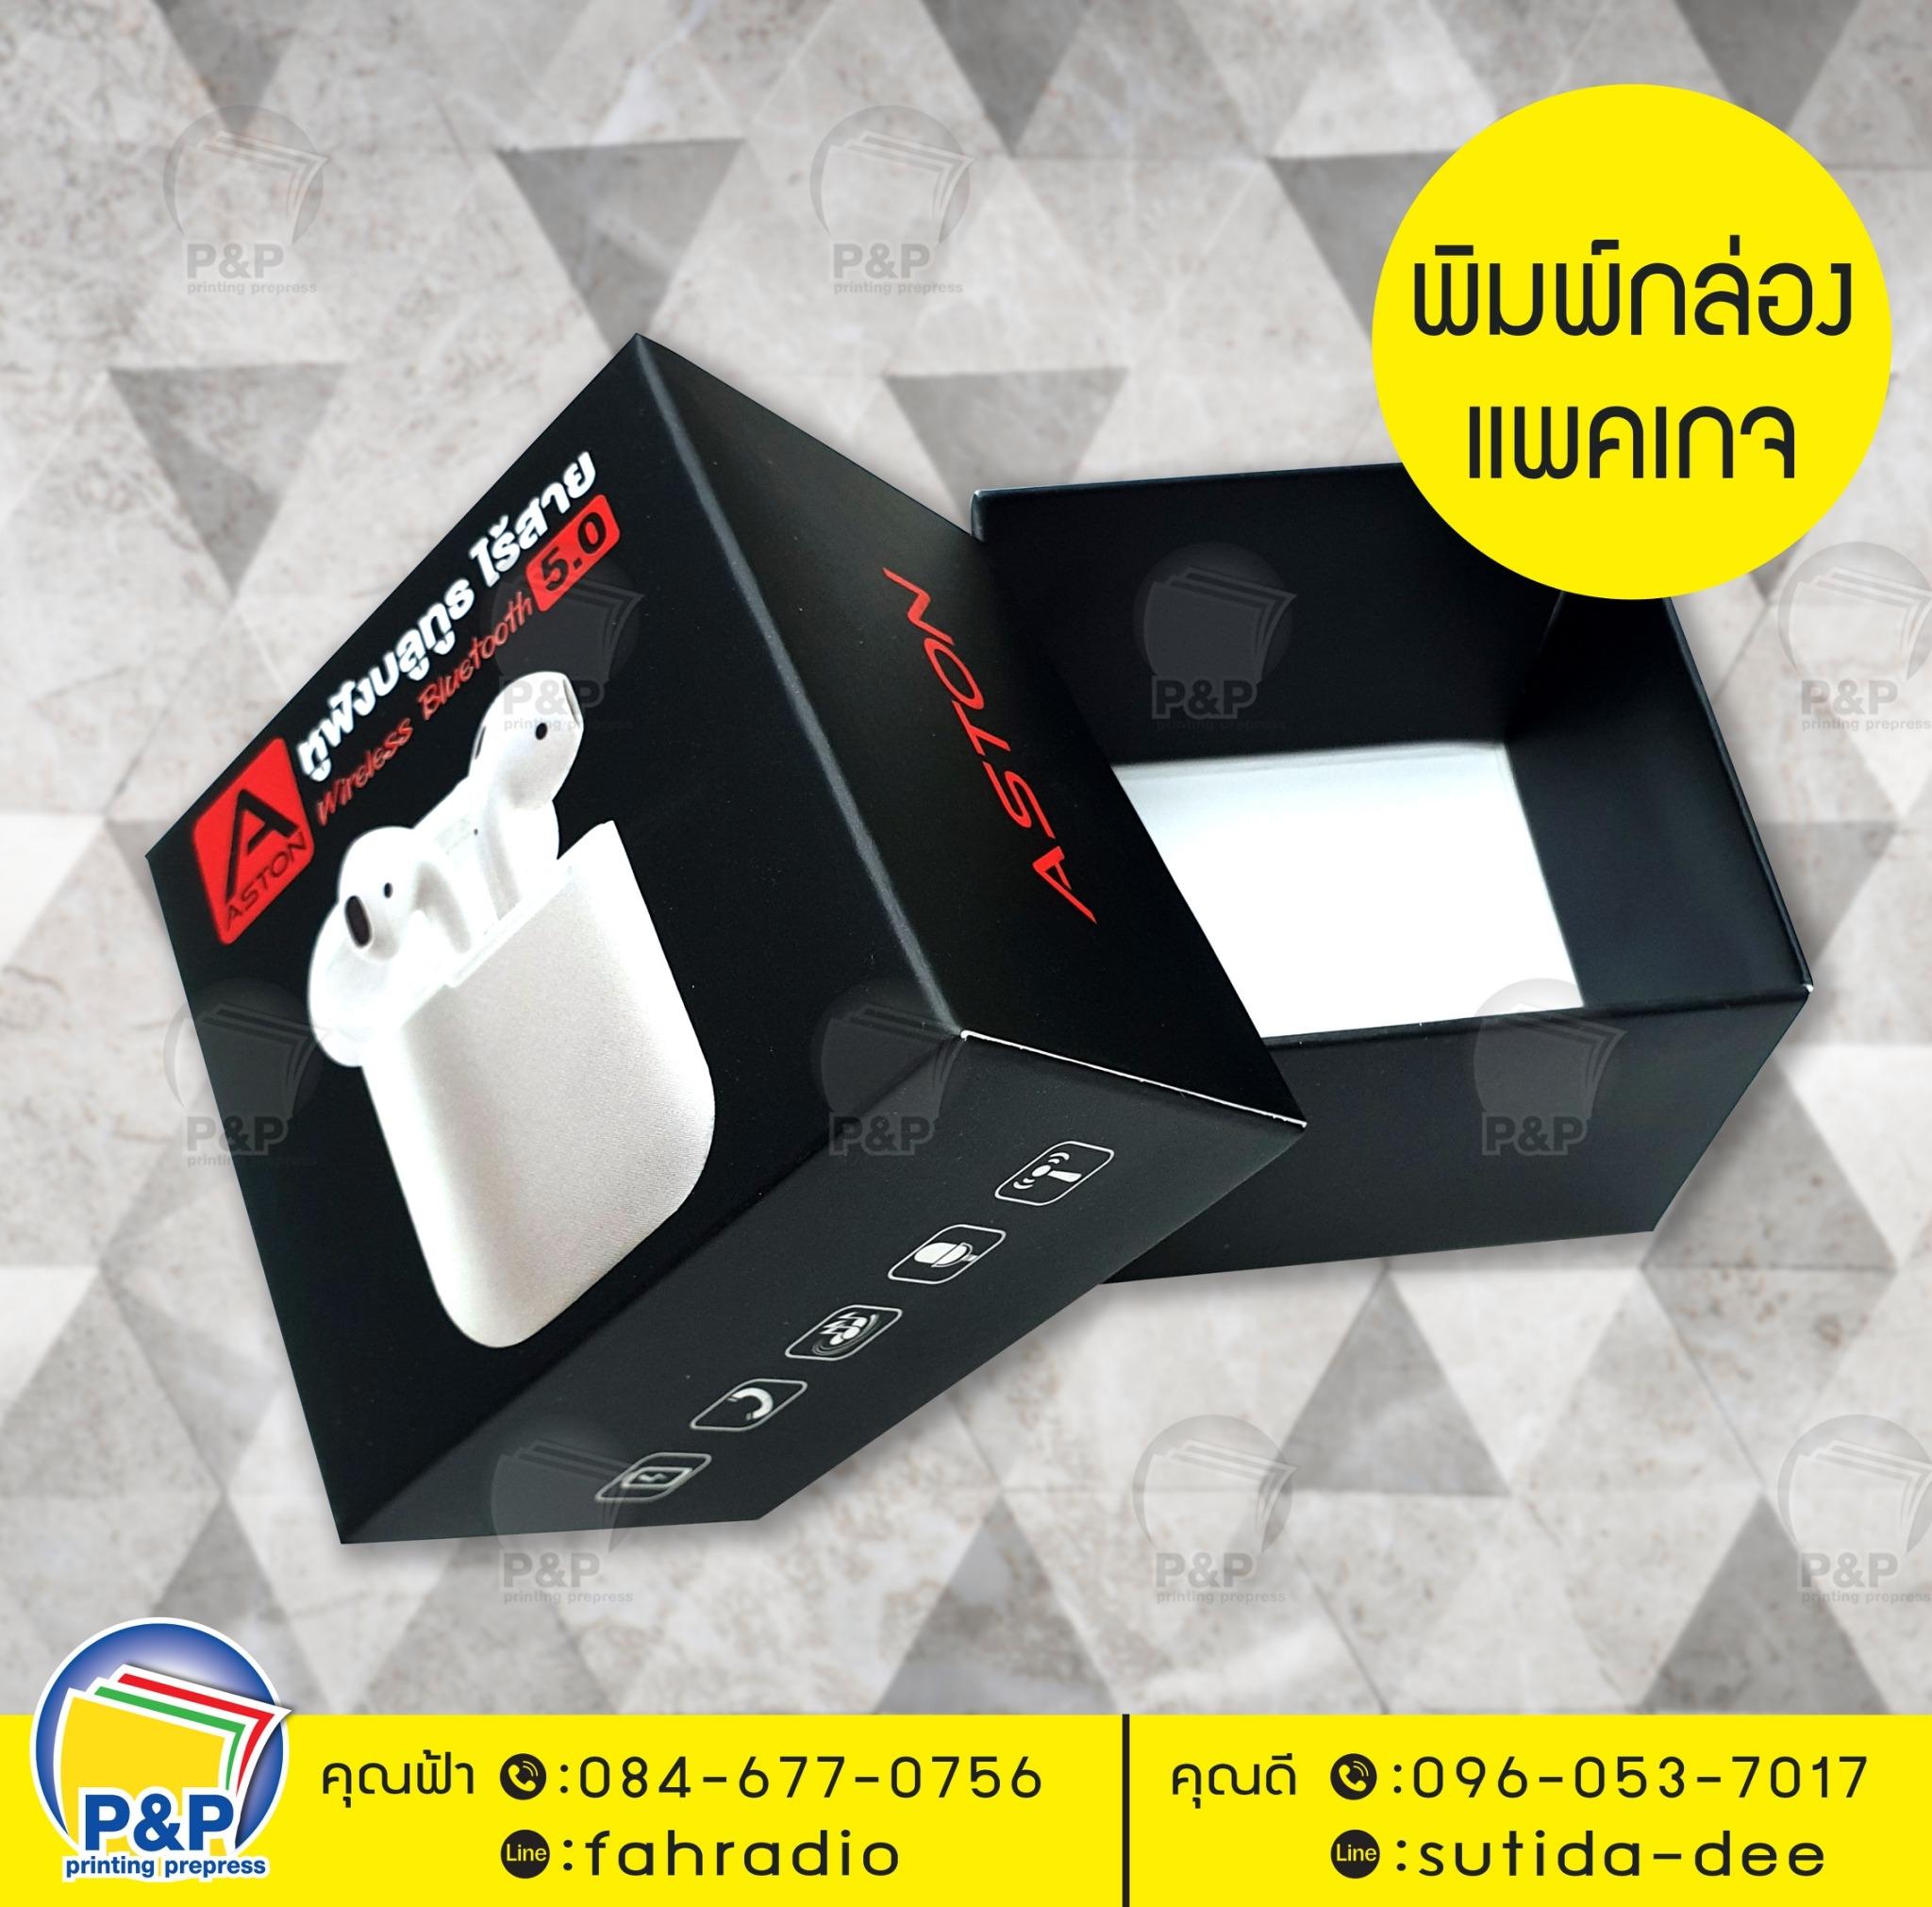 AD โฆษณา P_P 2020_200404_0016